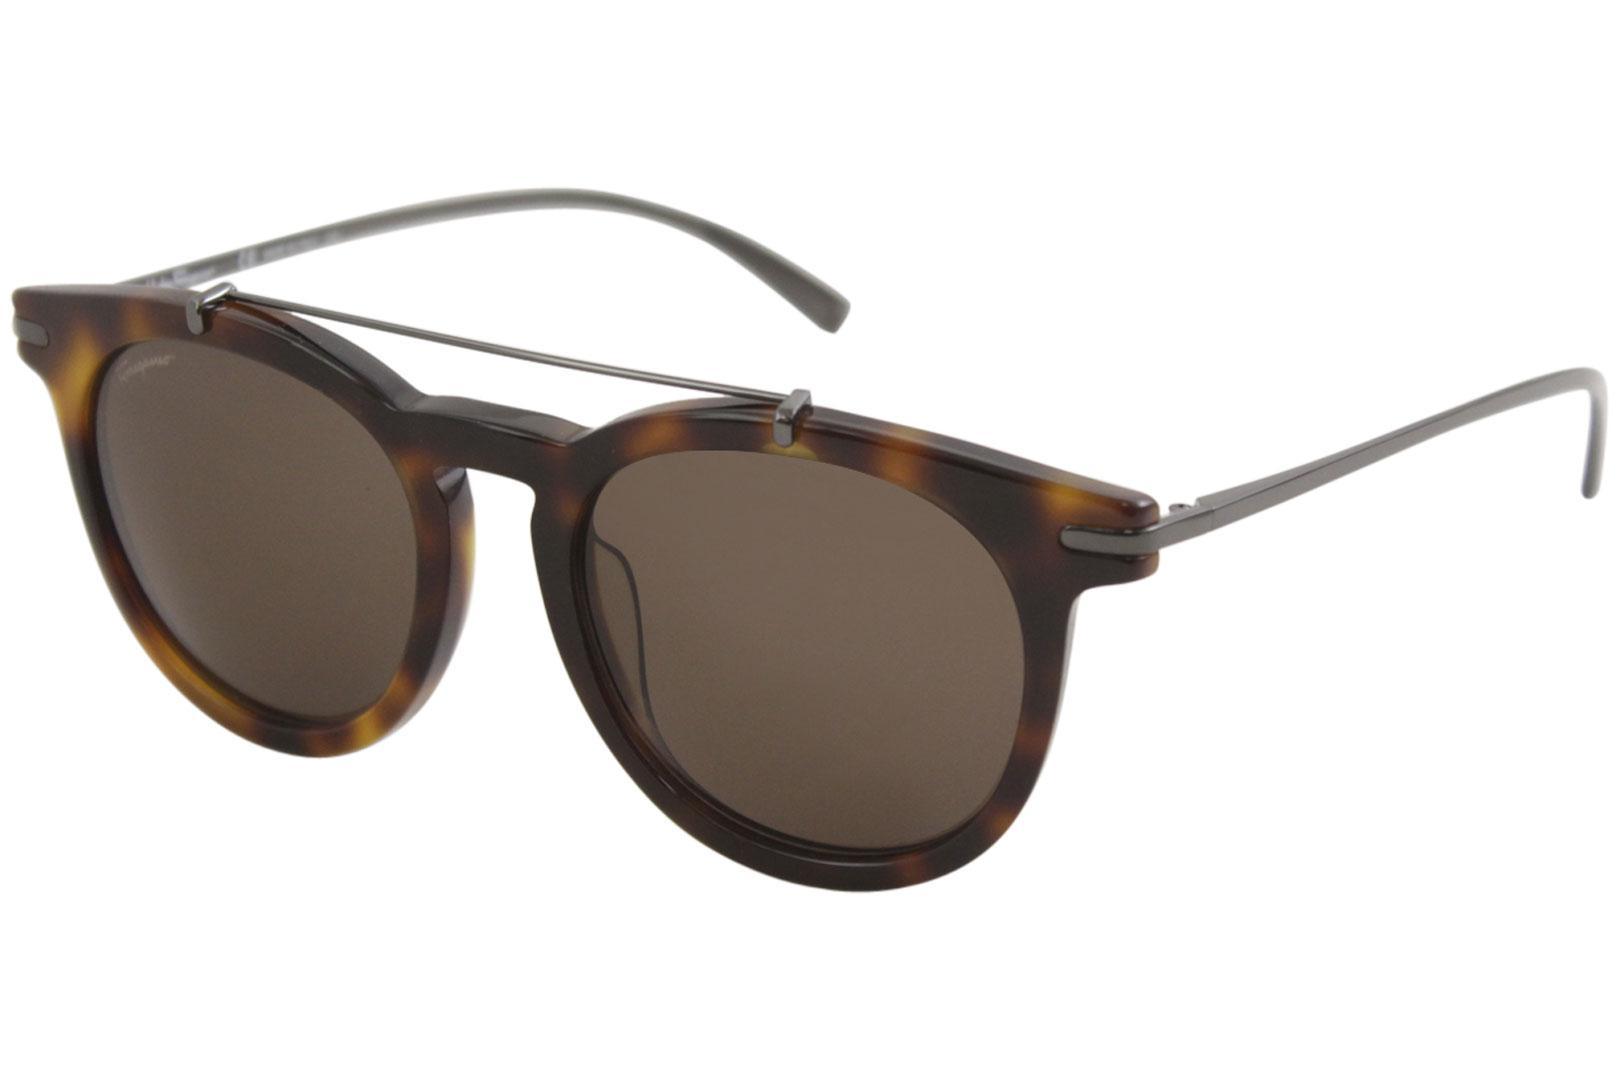 e666c50057e Salvatore Ferragamo Women s S821S SF 821 S Fashion Round Sunglasses